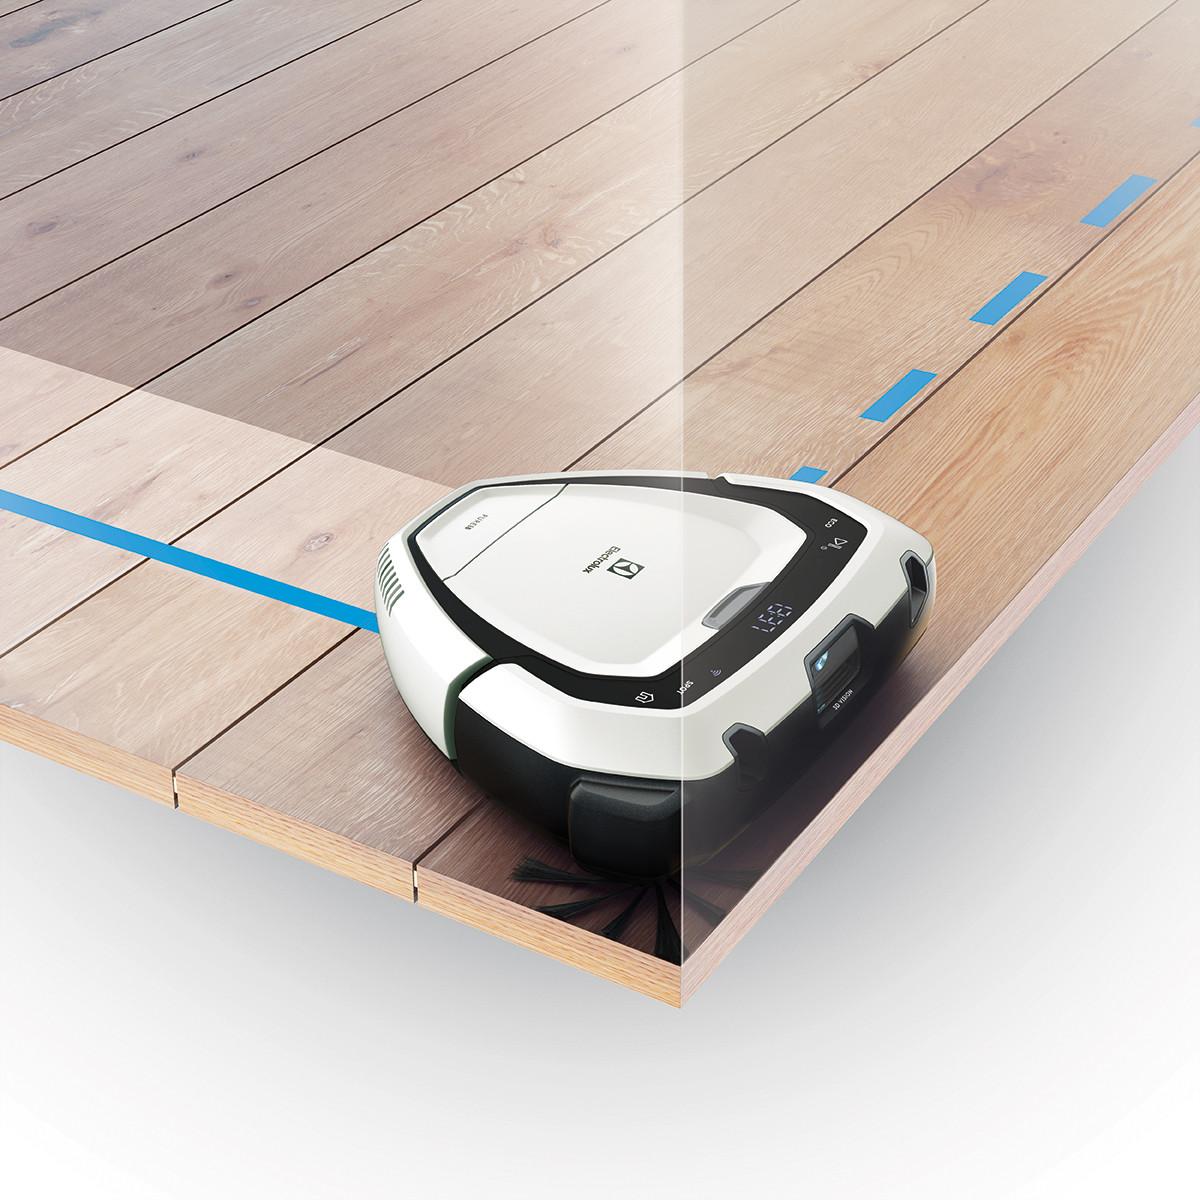 Curățarea precisă datorită formei triunghiulare Trinity și tehnologiilor PowerBrush, FlowMotion